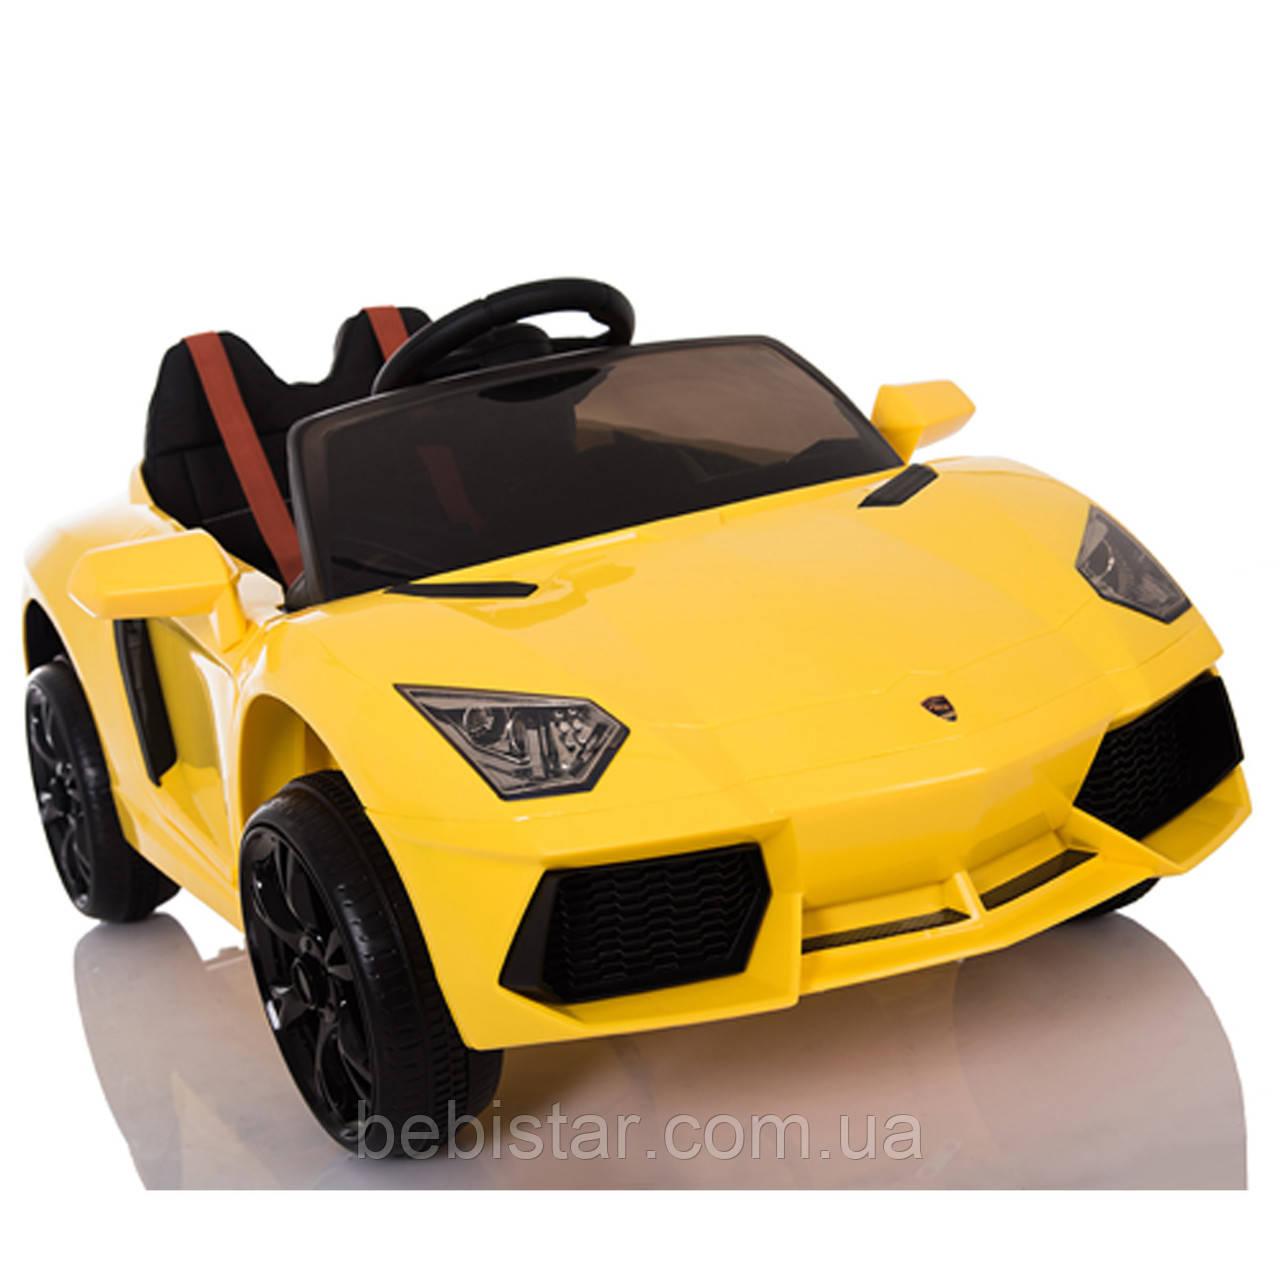 Електромобіль жовтий T-7630 YELLOW для дітей 3-8 років з пультом мотор 2*20W з MP3